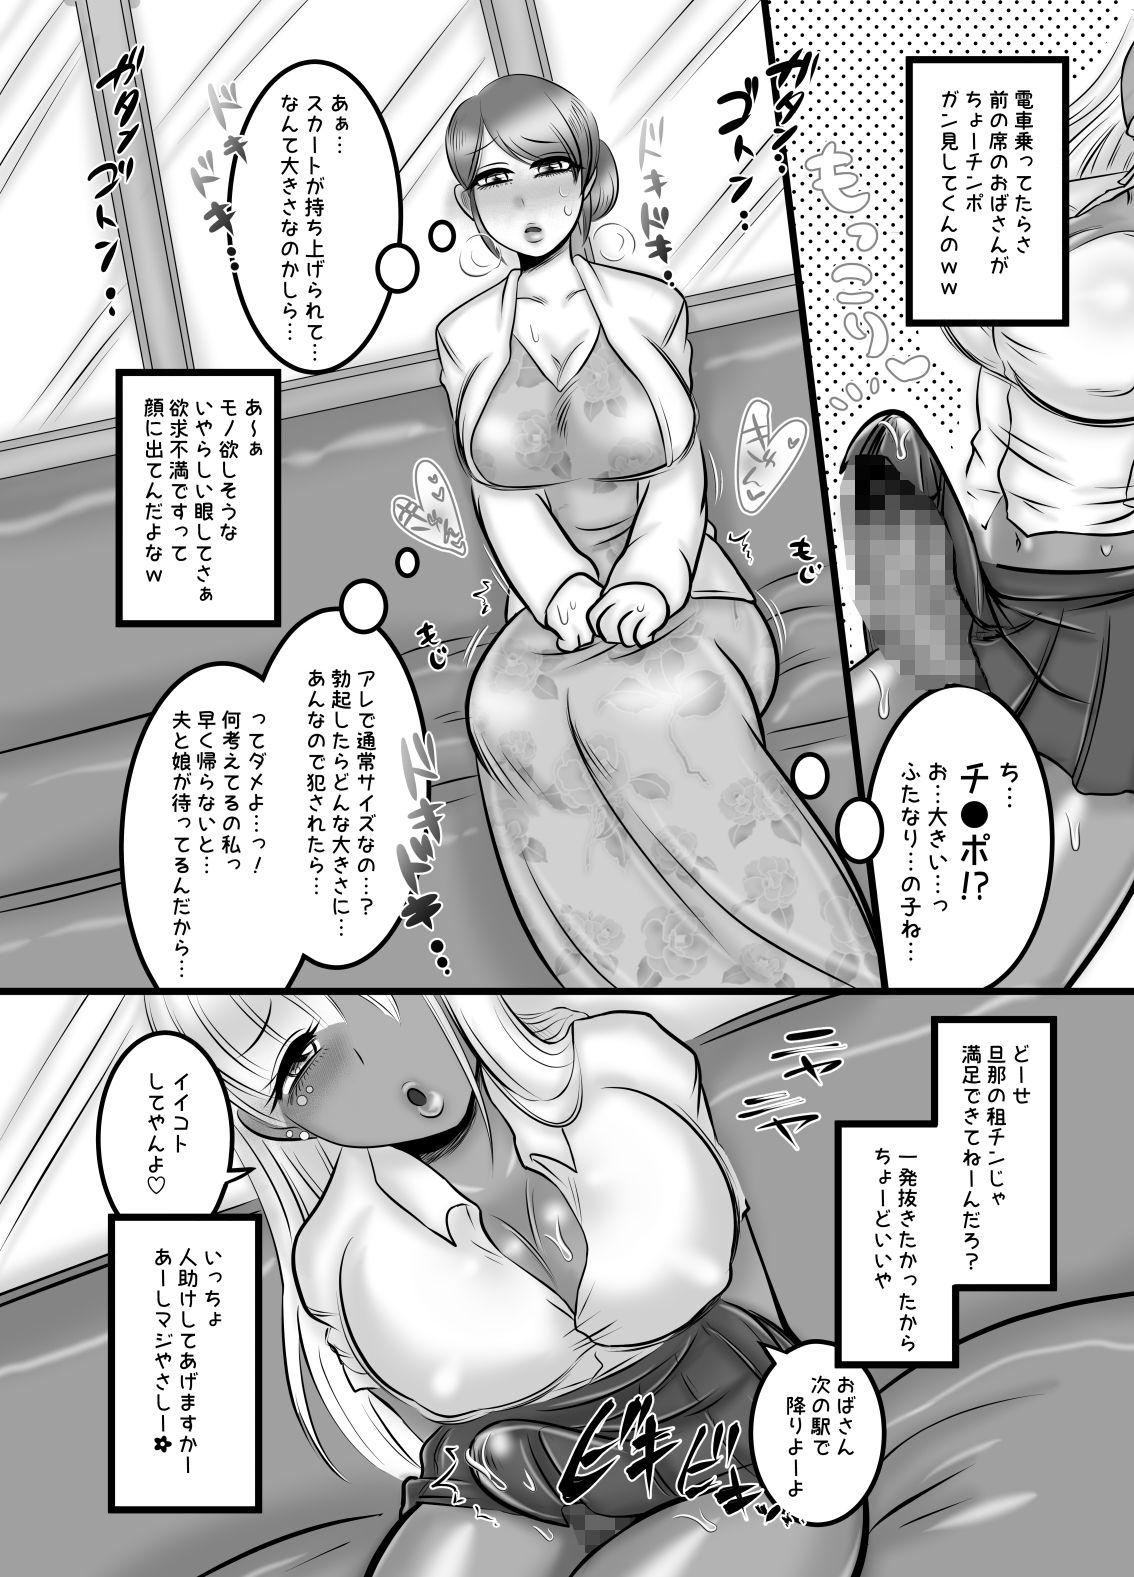 ふたなりギャルが自己妊娠する漫画!画像no.3